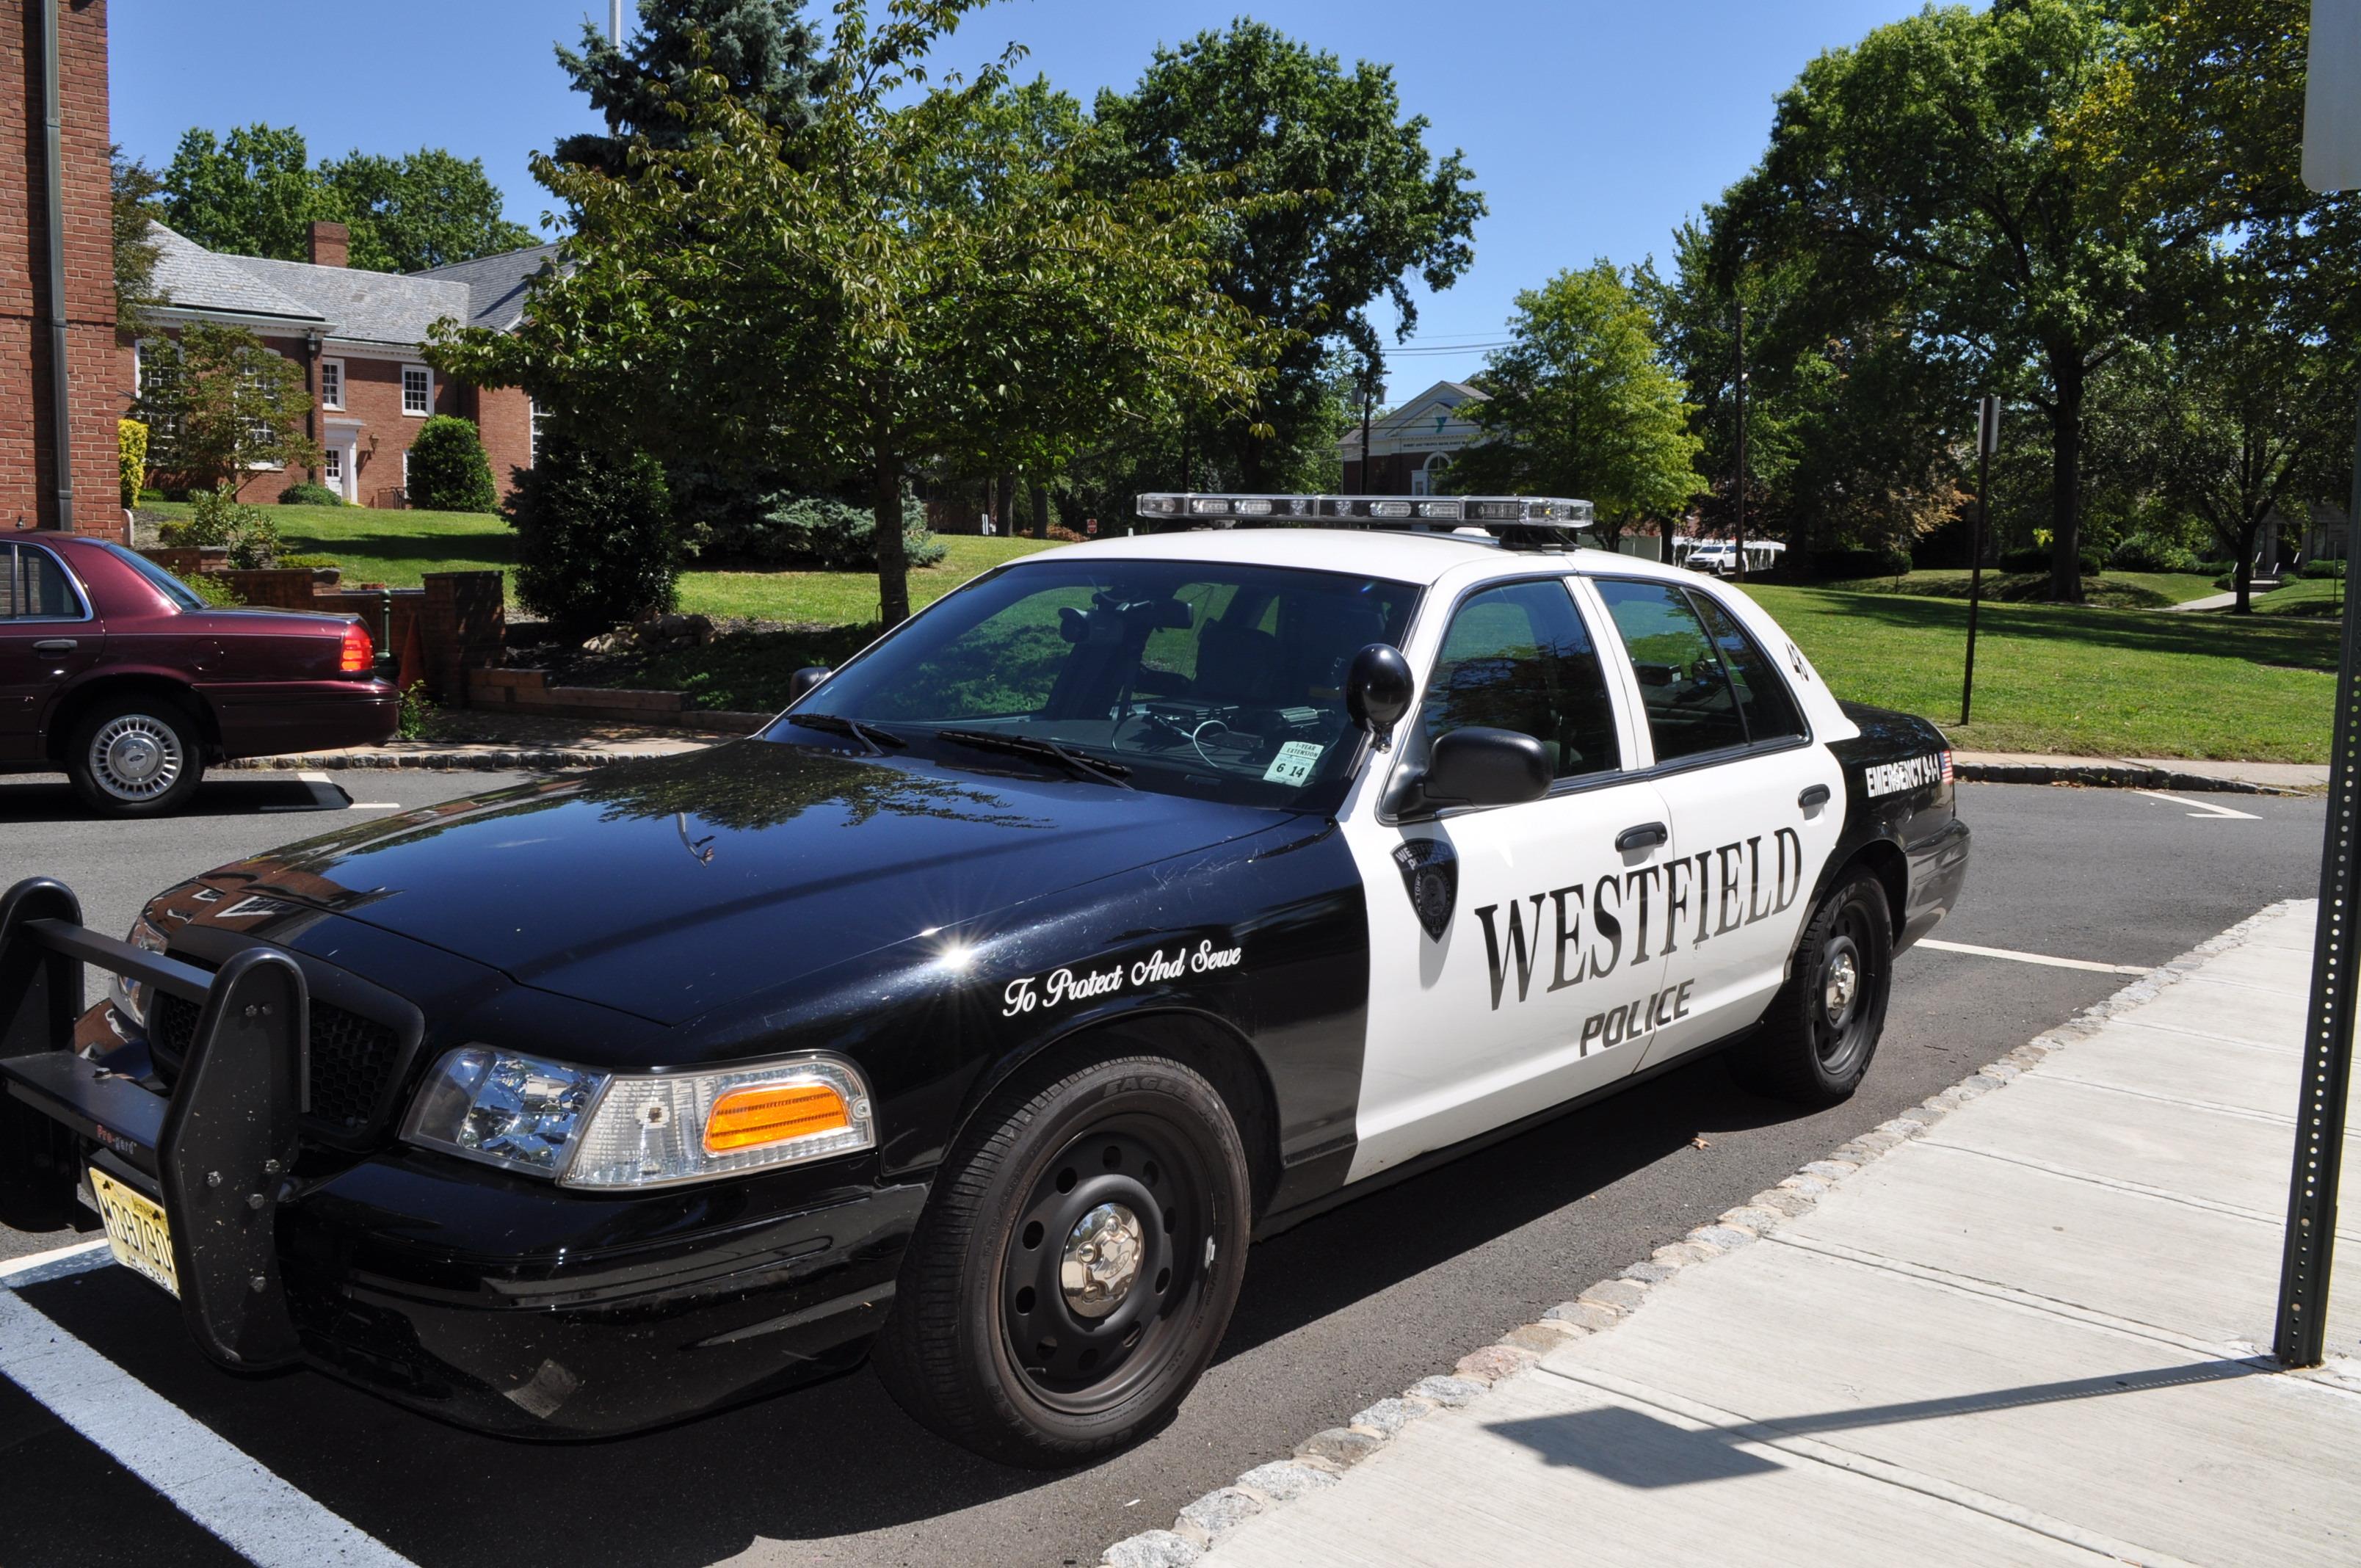 24db2071599fe848d4e3_police_car.JPG